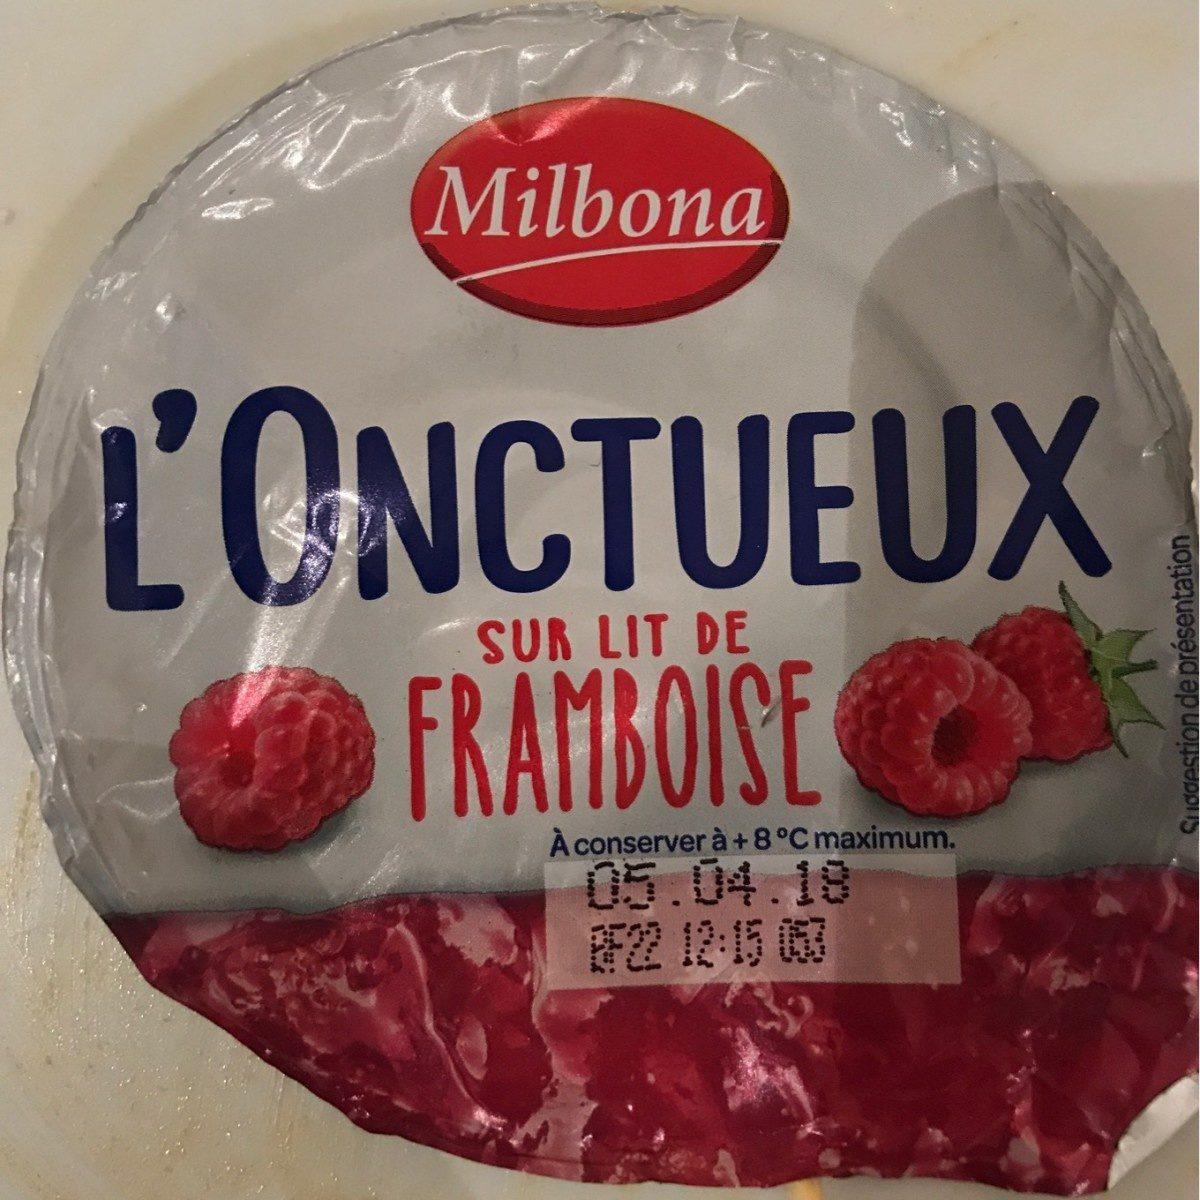 L'onctueux framboise - Produit - fr